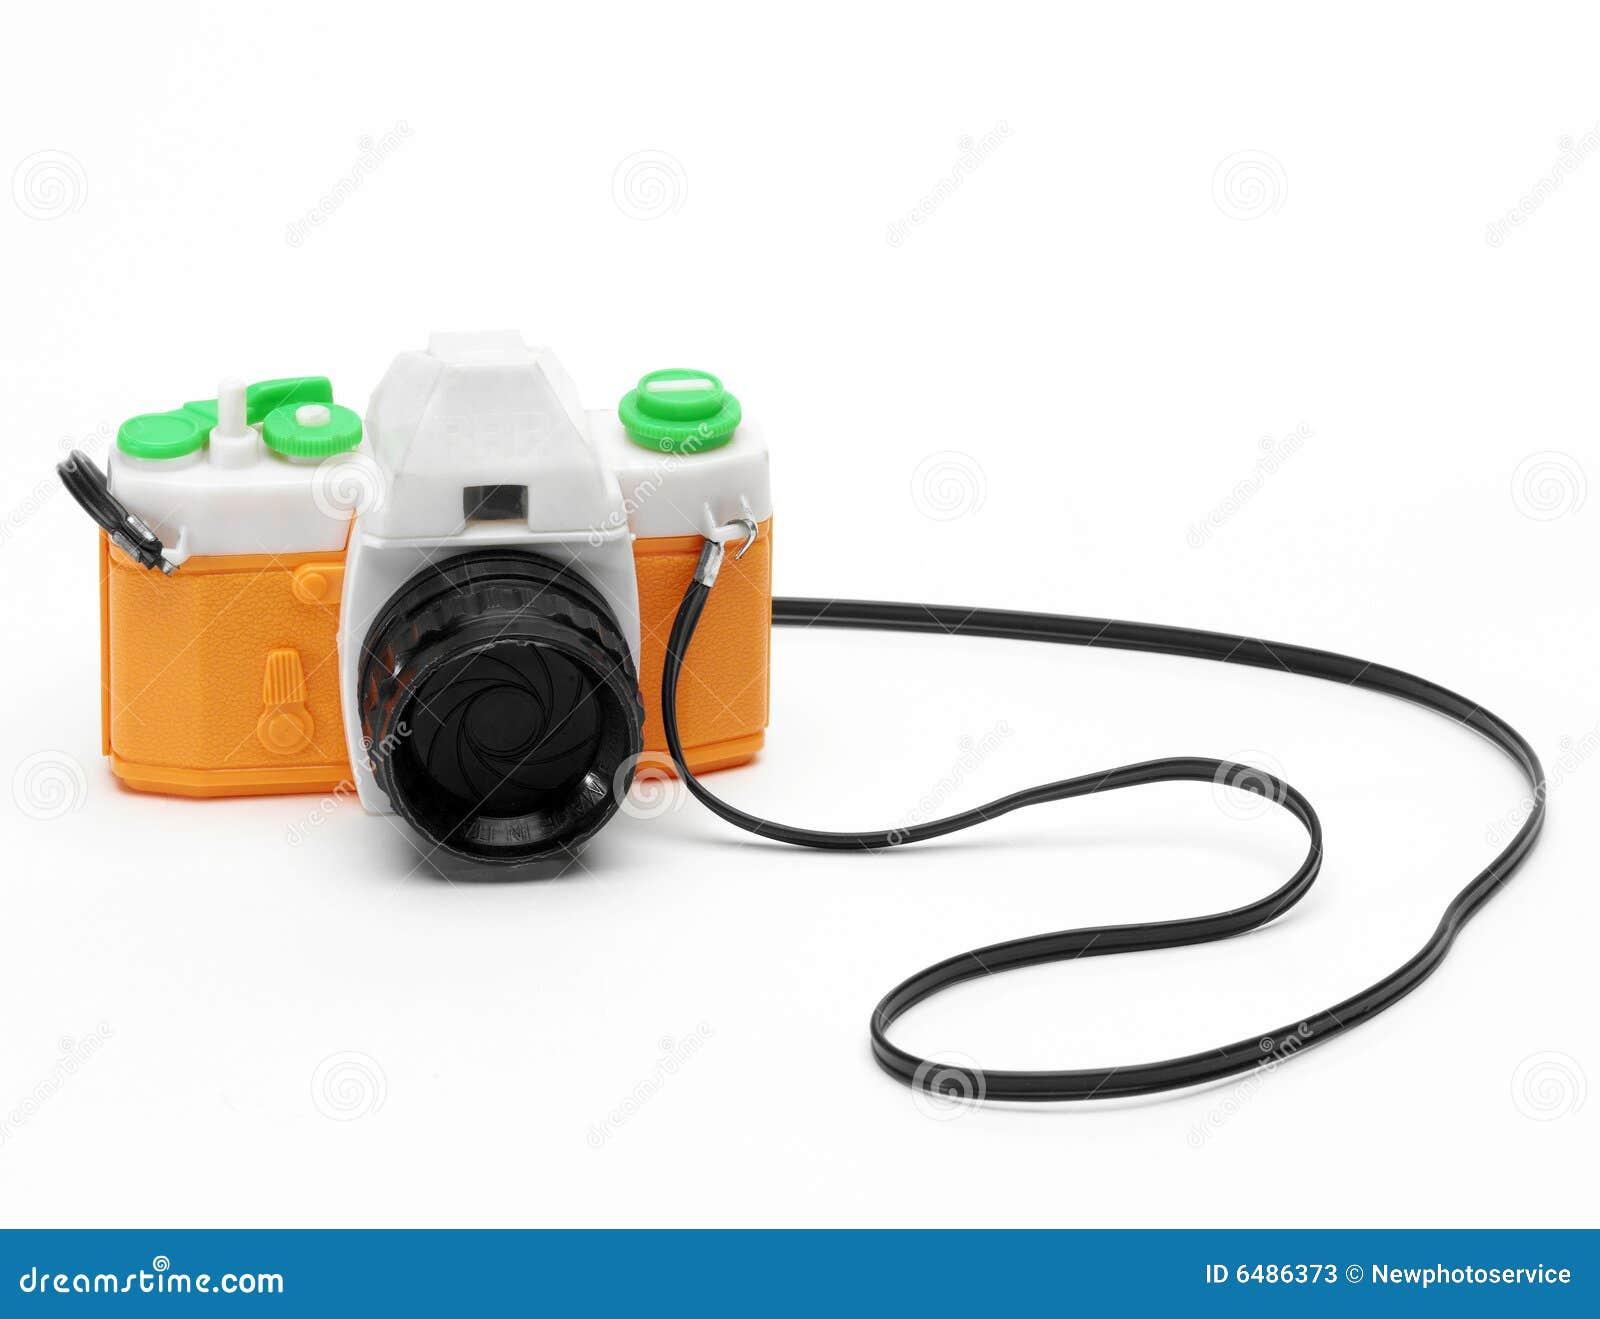 jouet d 39 appareil photo photos stock image 6486373